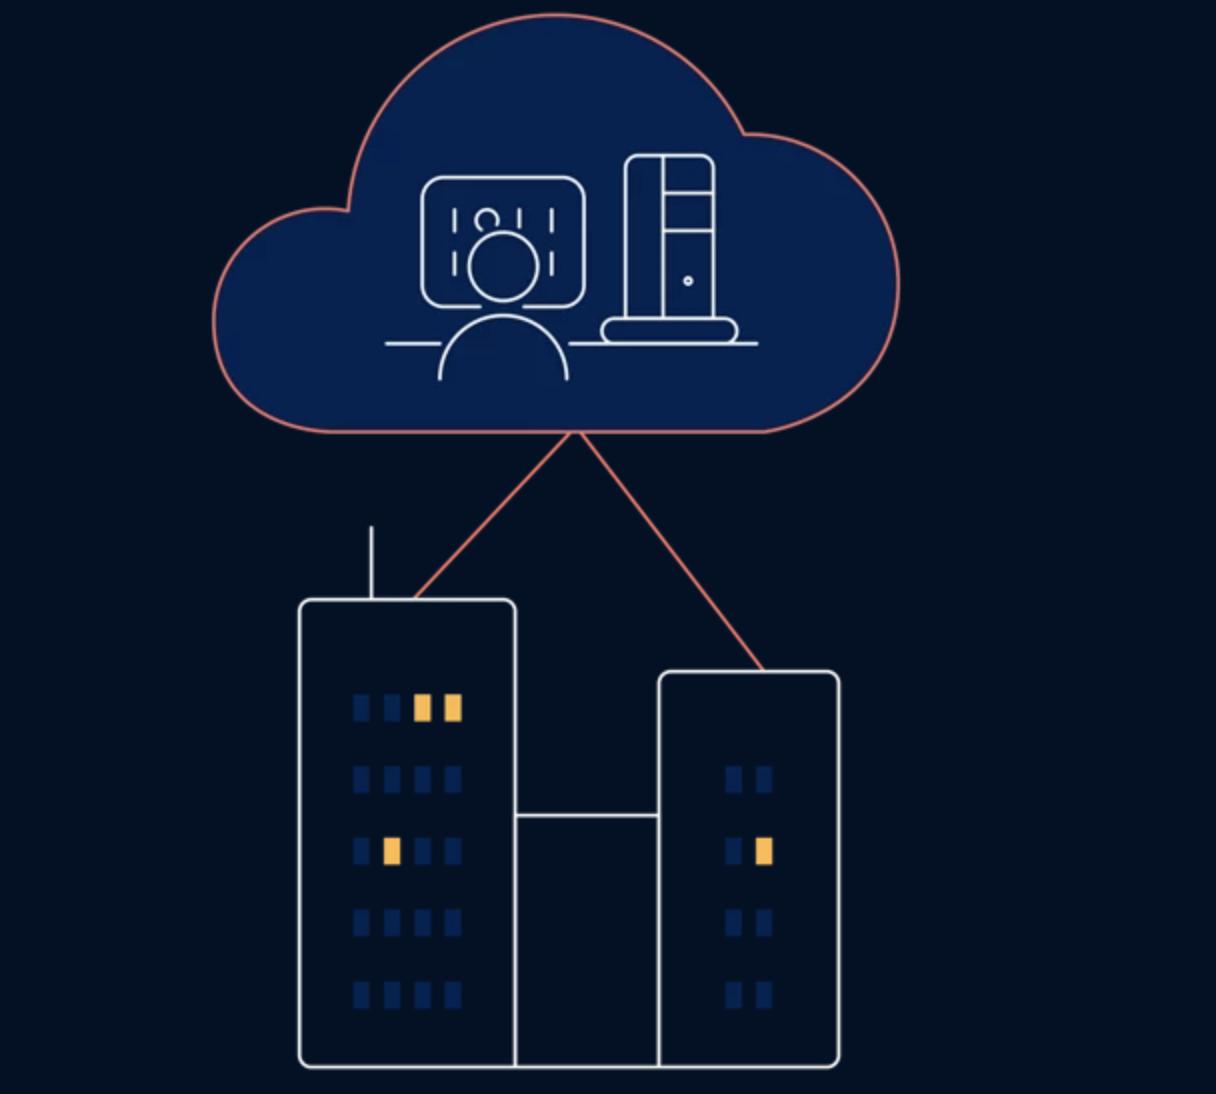 Med løsninger i skyen oppdaterer vi både egne produkter og integrasjoner mot ERP-systemer hos oss, og vi oppdaterer for alle på samme tid